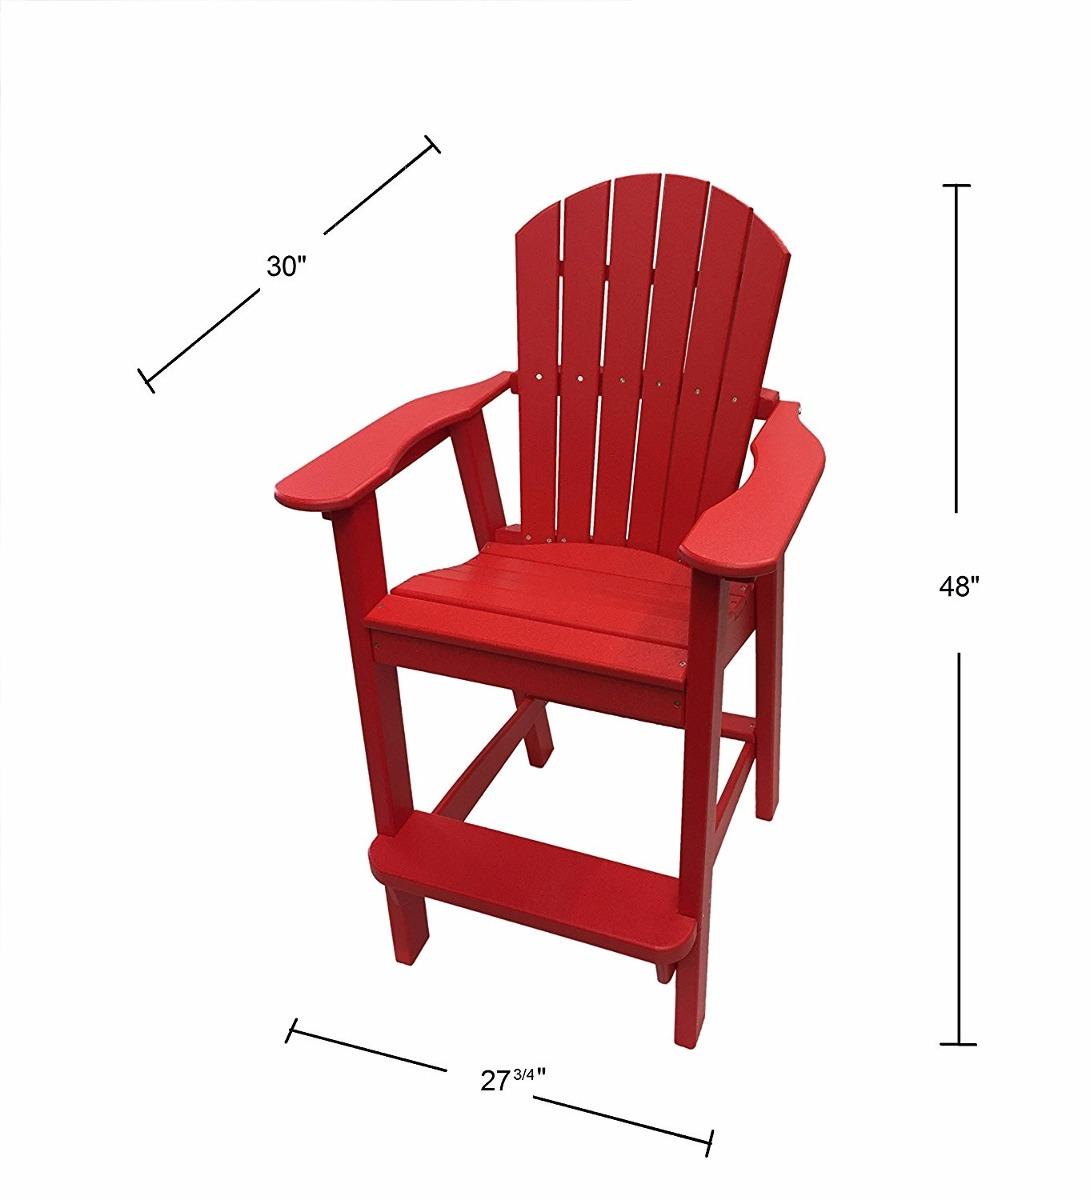 Sillas para balcon durables color rojo 22 en mercado libre - Sillas para balcon ...